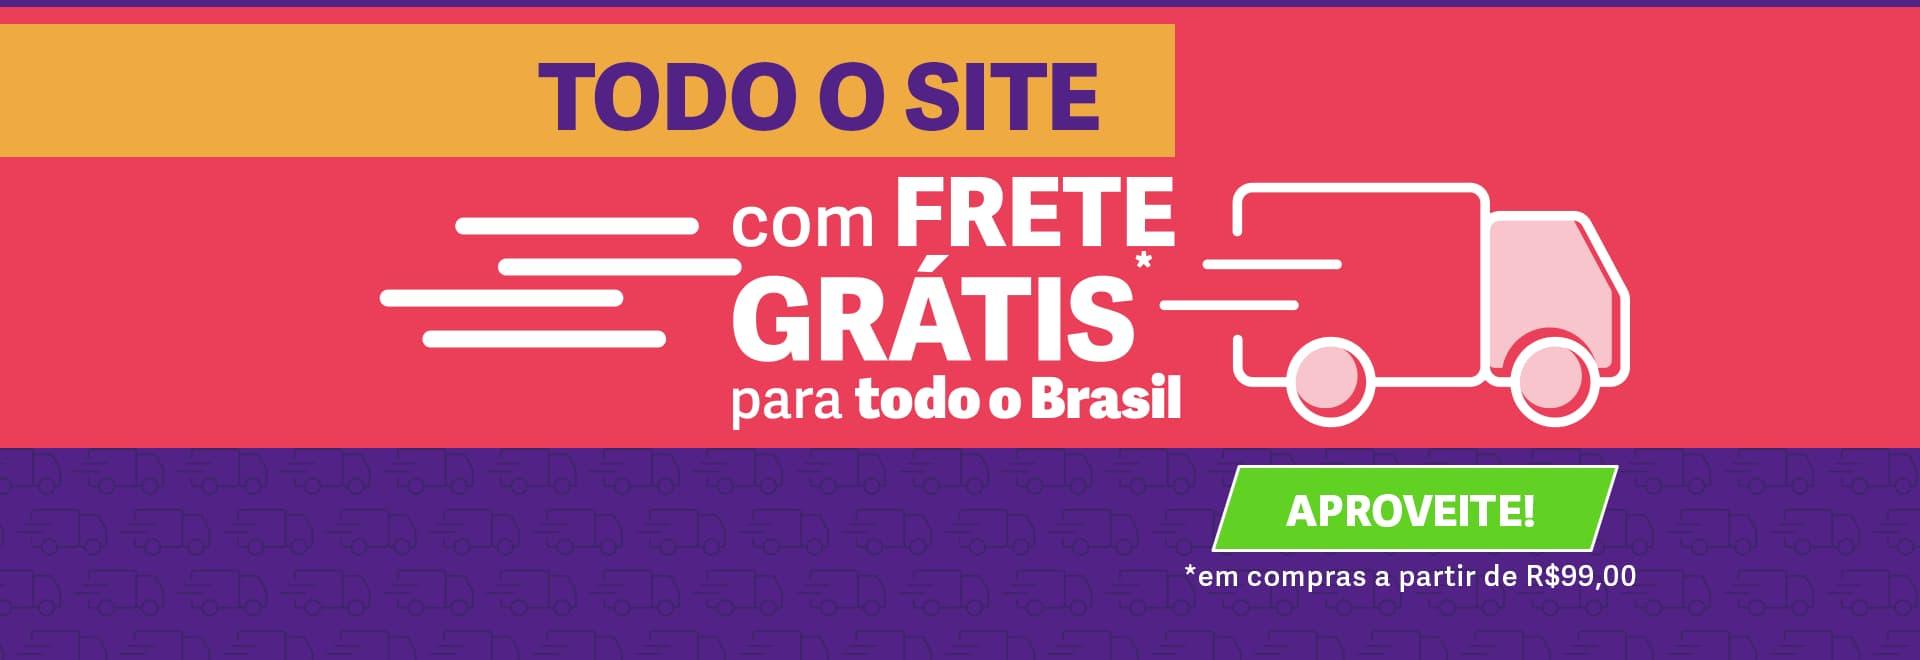 Frete_gratis_ate_99reais